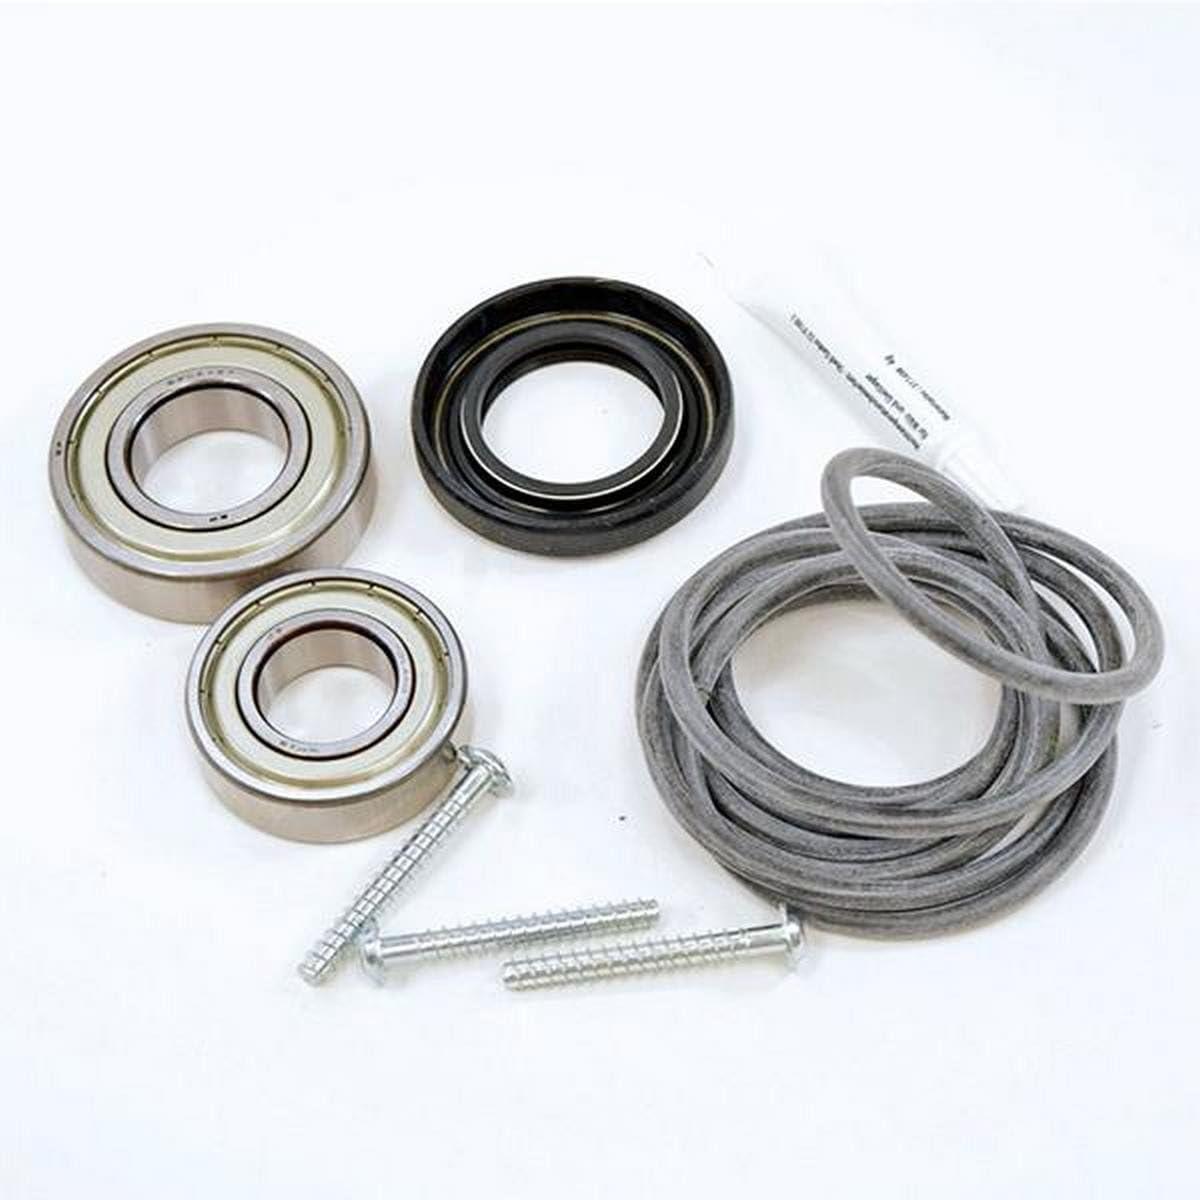 Kit paliers rodamientos–Lavadoras–Bosch, Neff, Siemens